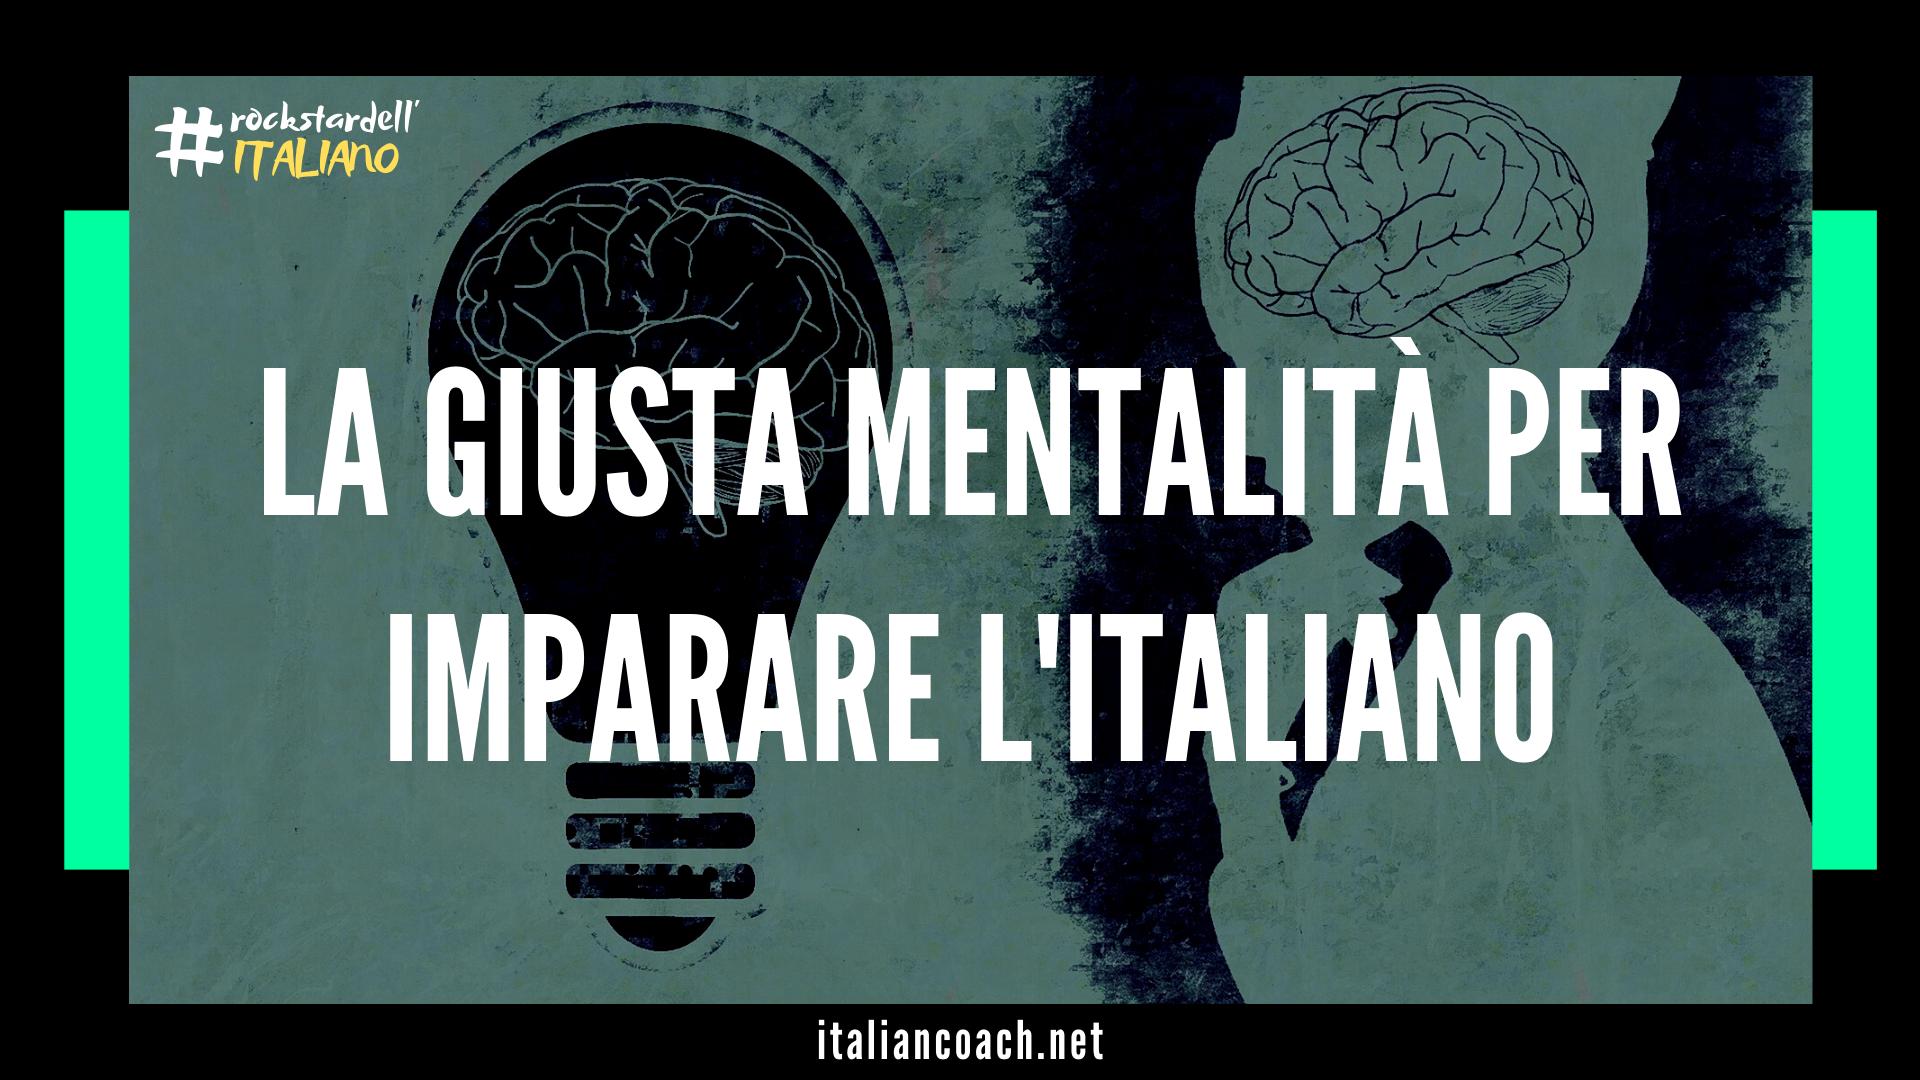 giusta mentalità imparare italiano